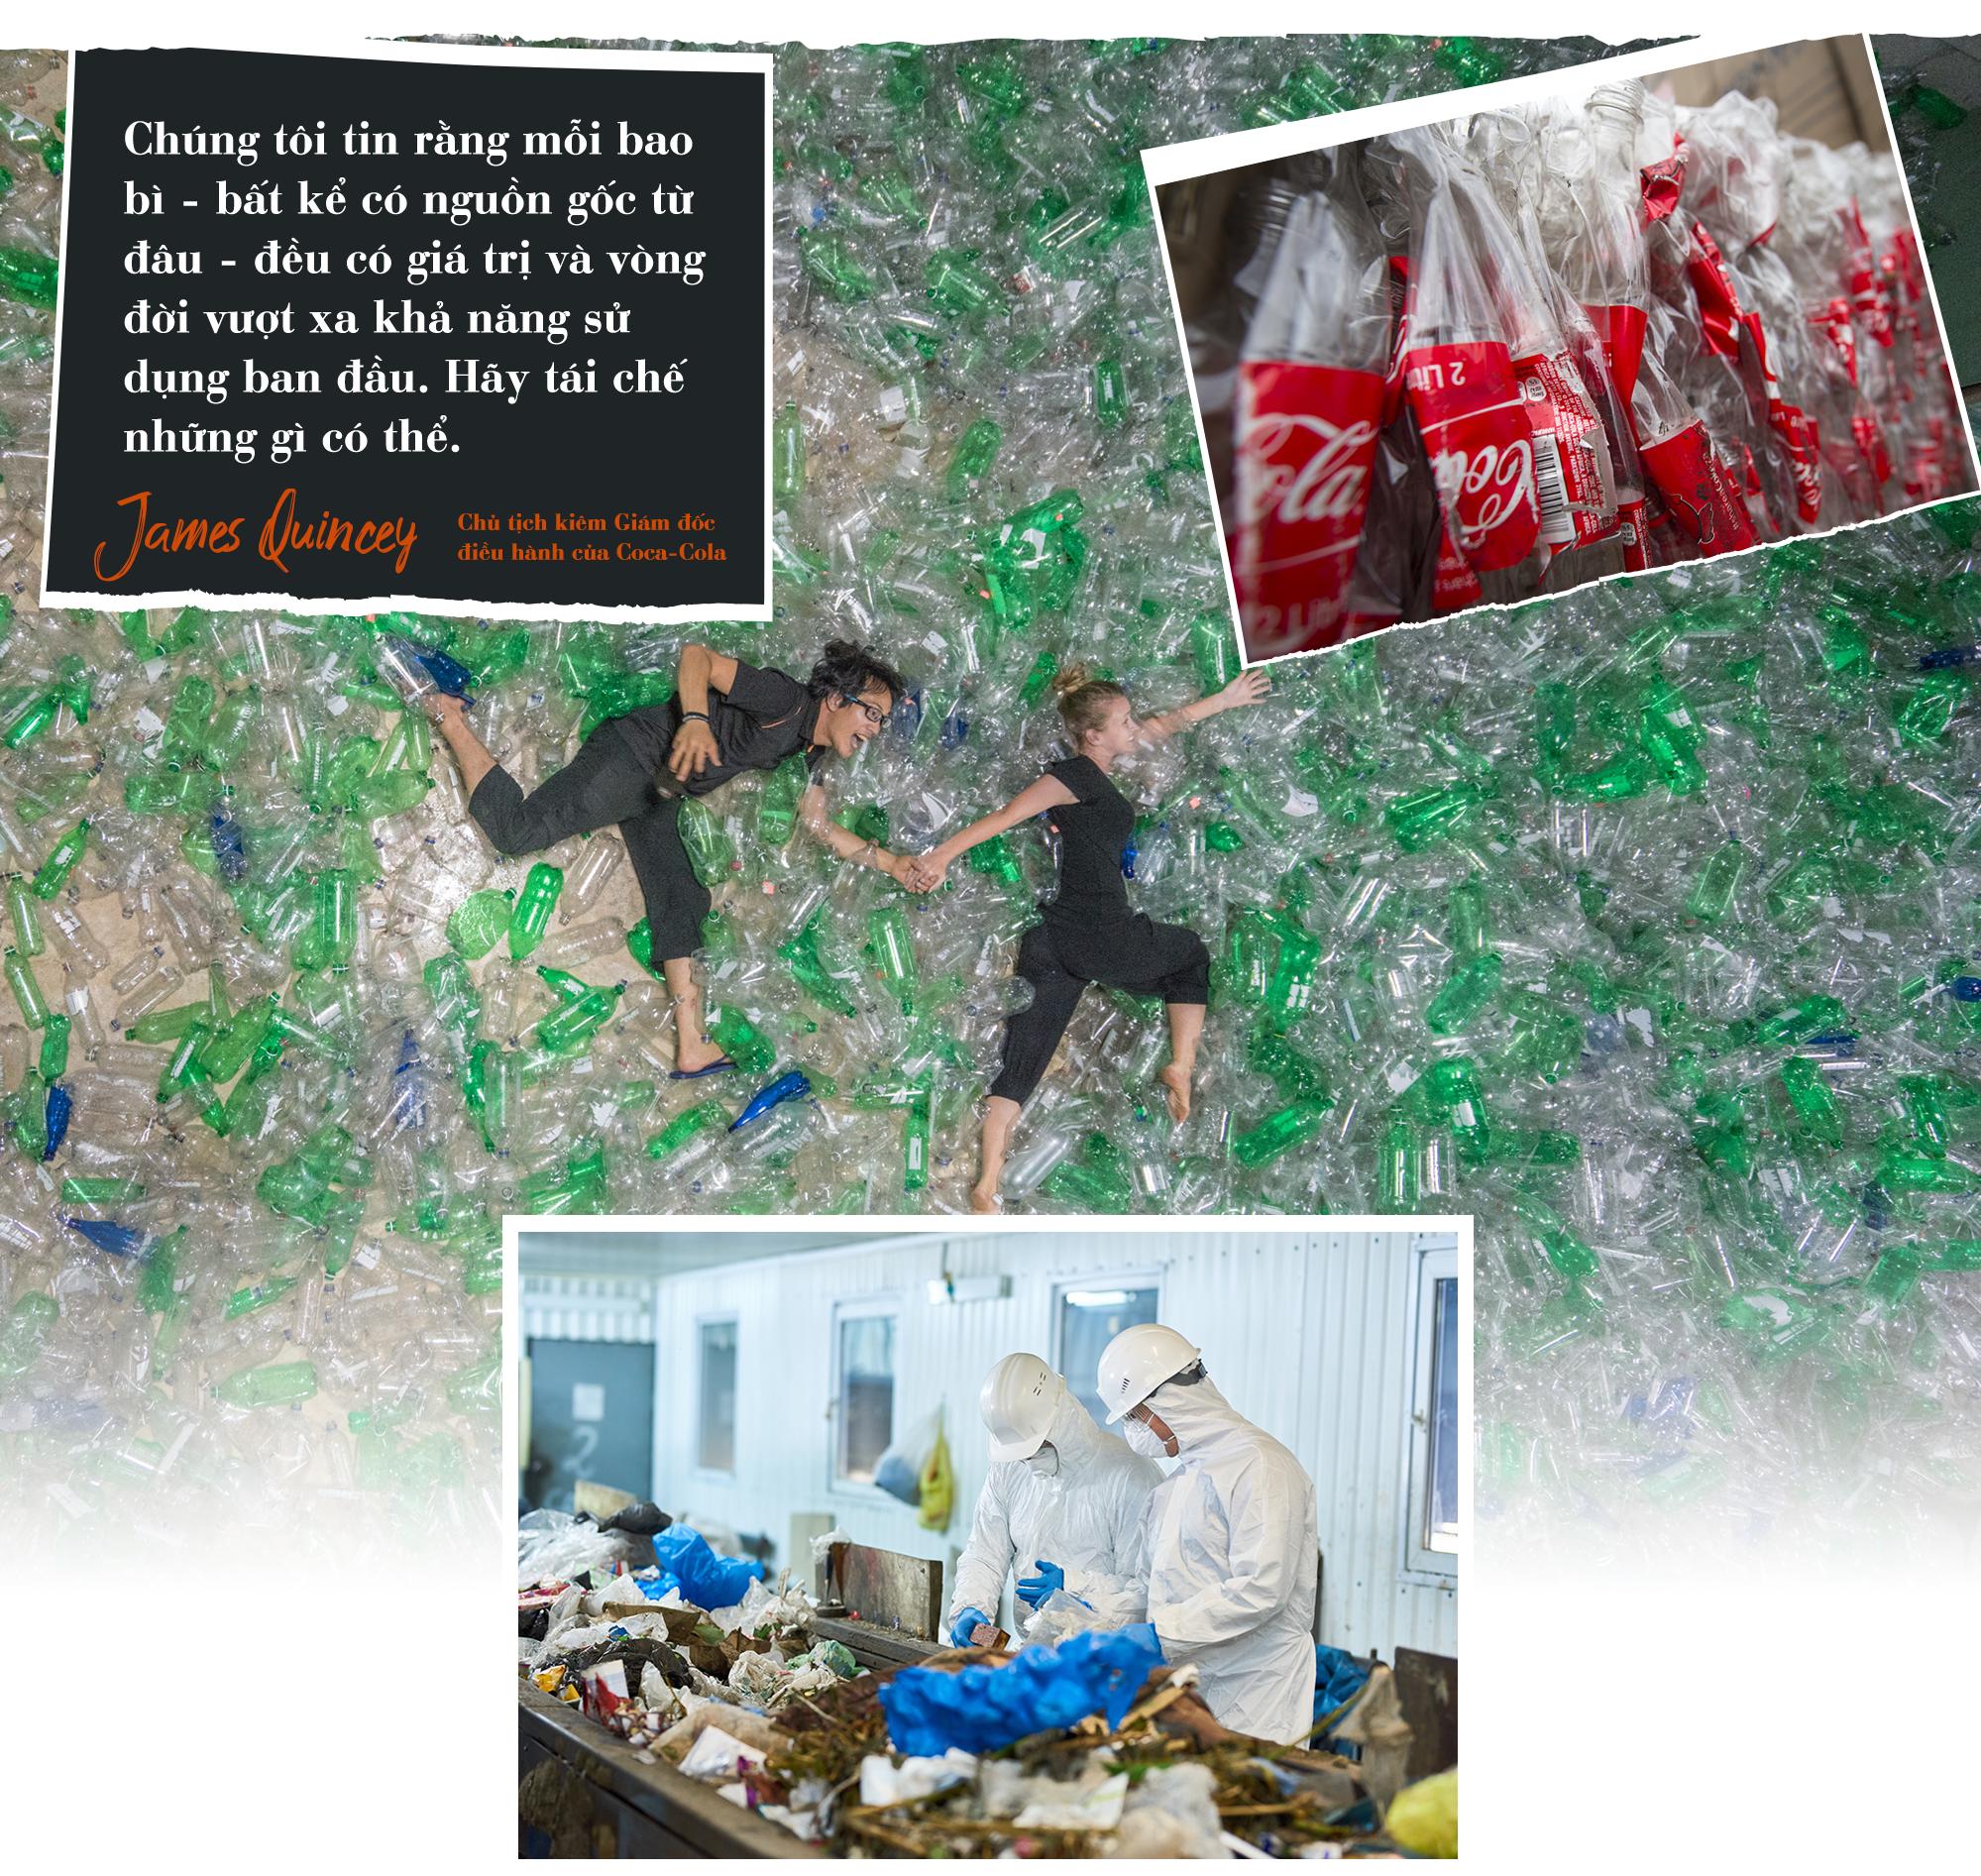 """PRO Vietnam và tham vọng """"đãi vàng"""" từ rác của những ông lớn ngành tiêu dùng - Ảnh 6."""